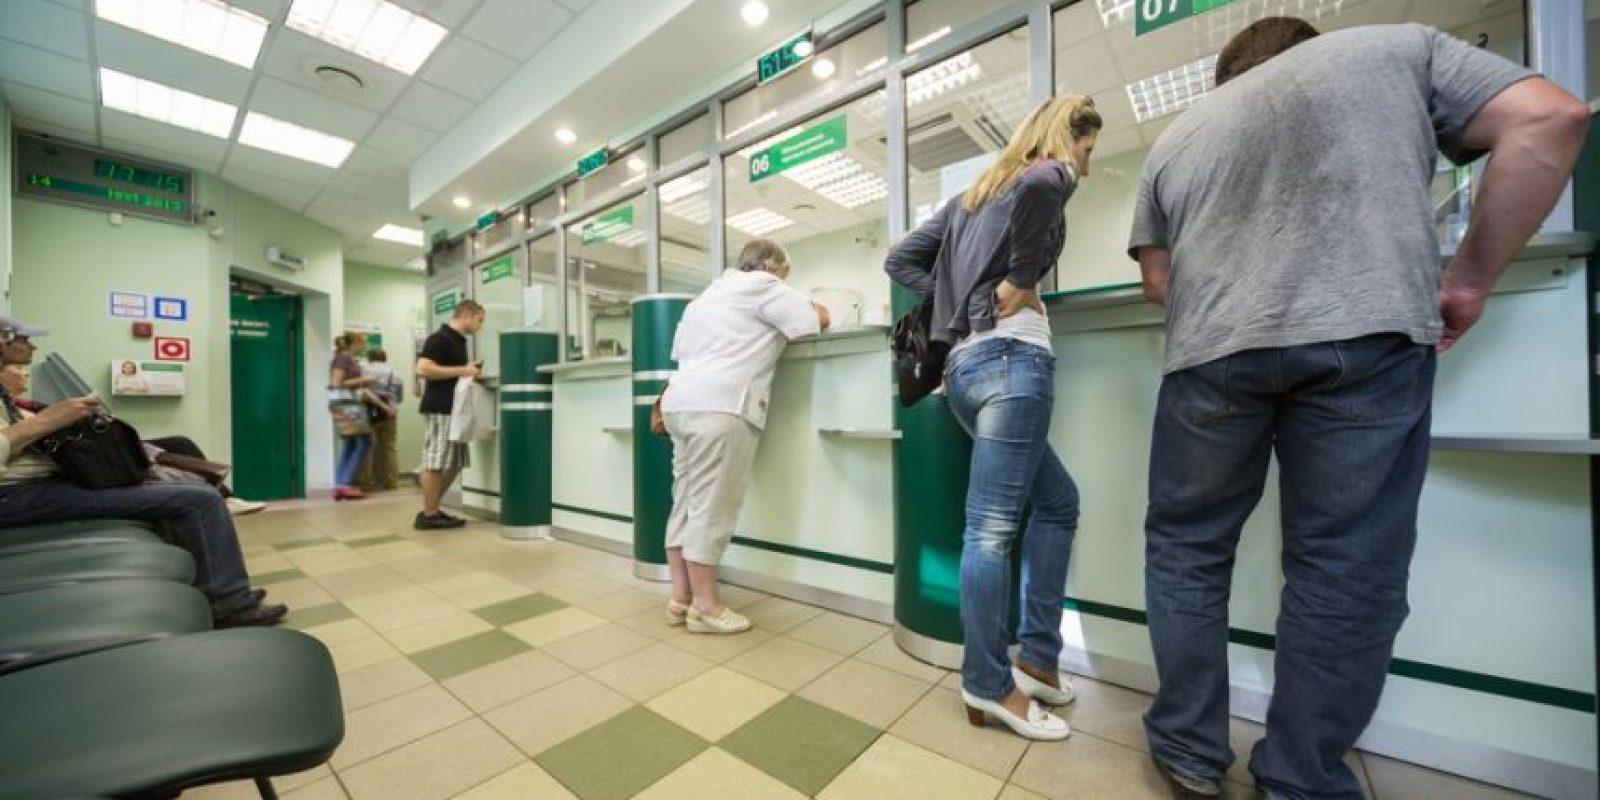 Según las investigaciones, los sindicados obviaban pasos para otorgar los préstamos. Foto:Agencias